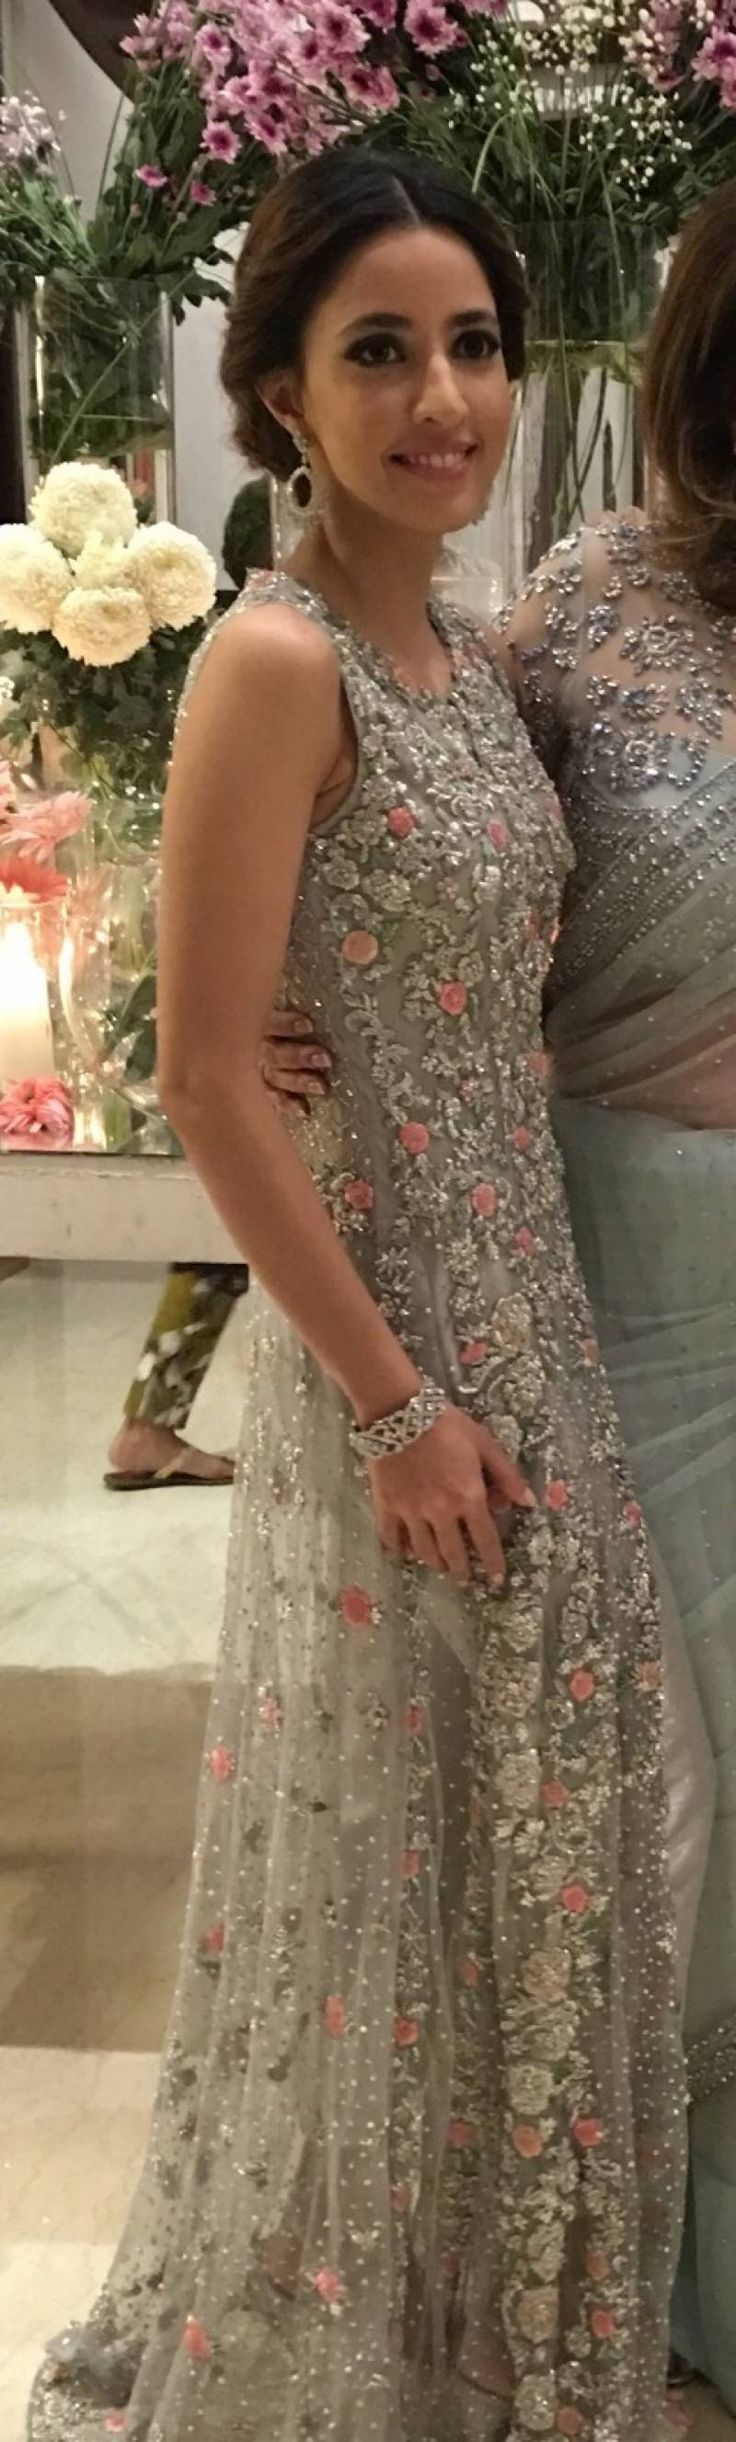 #minahasan #bridals #eastern #weddings #pastels